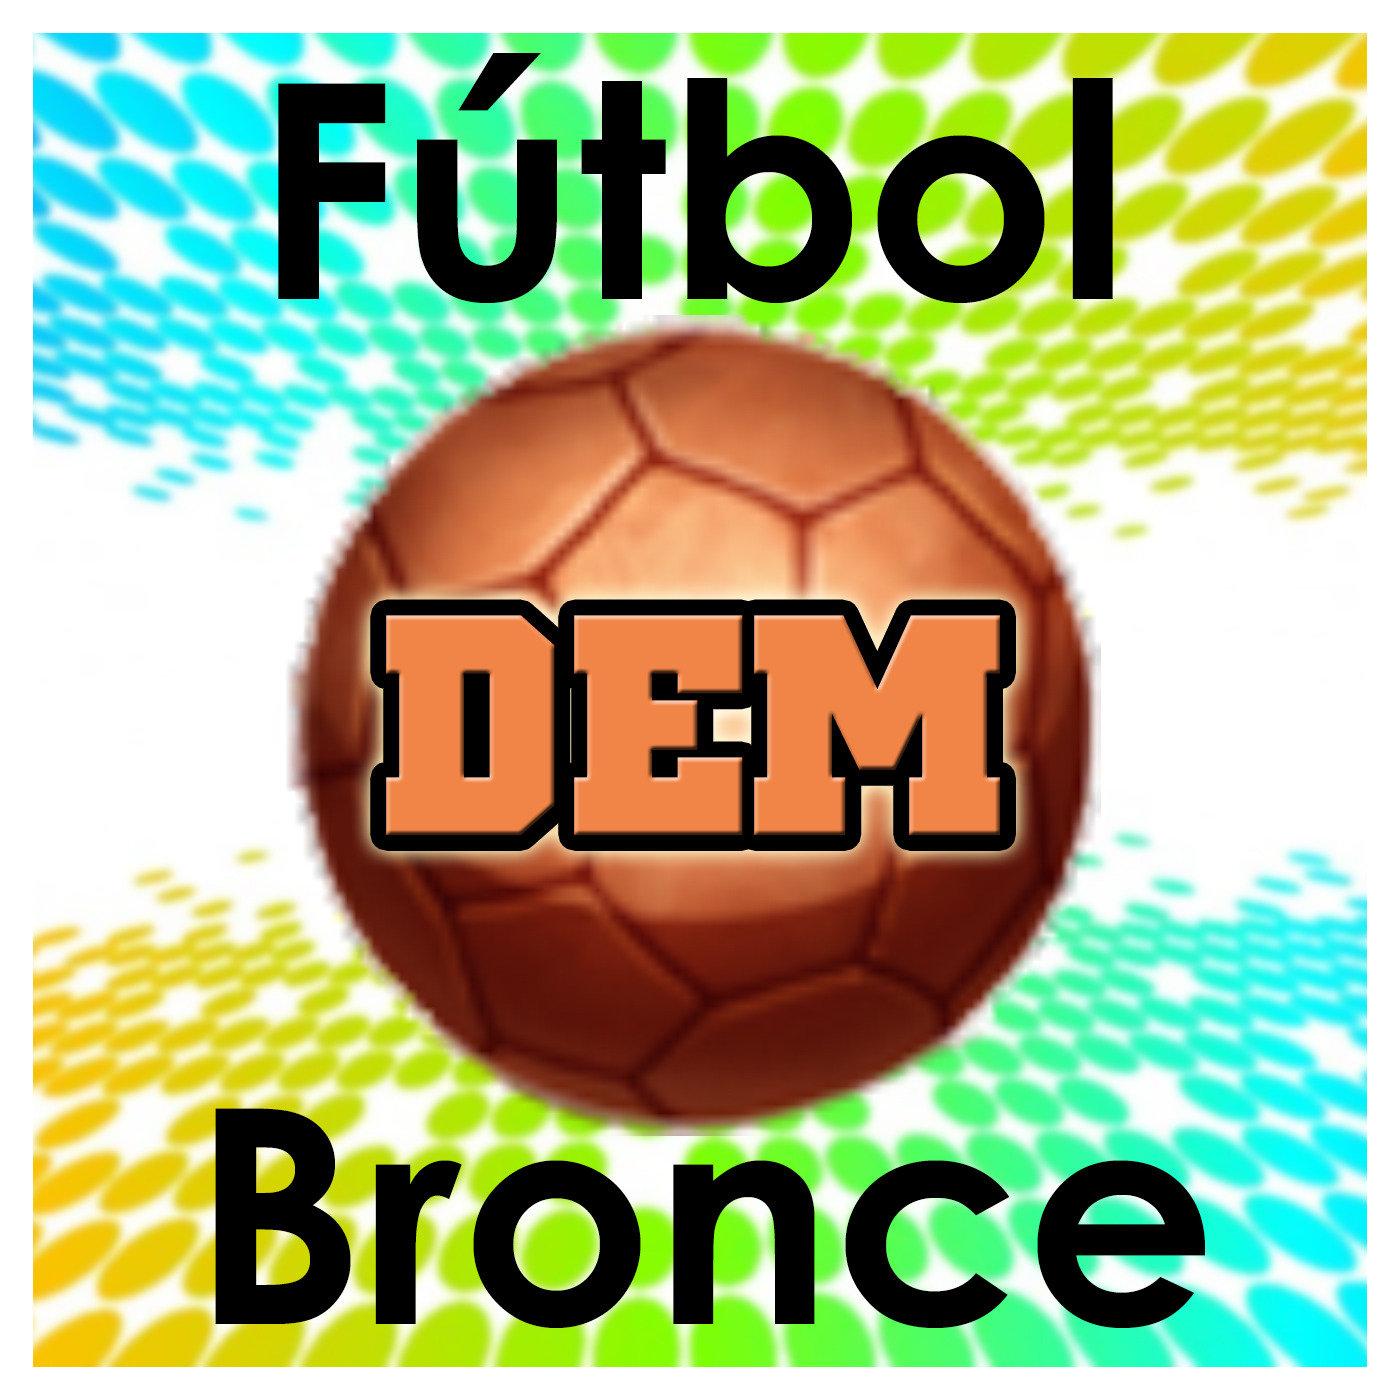 <![CDATA[Fútbol DEM Bronce]]>